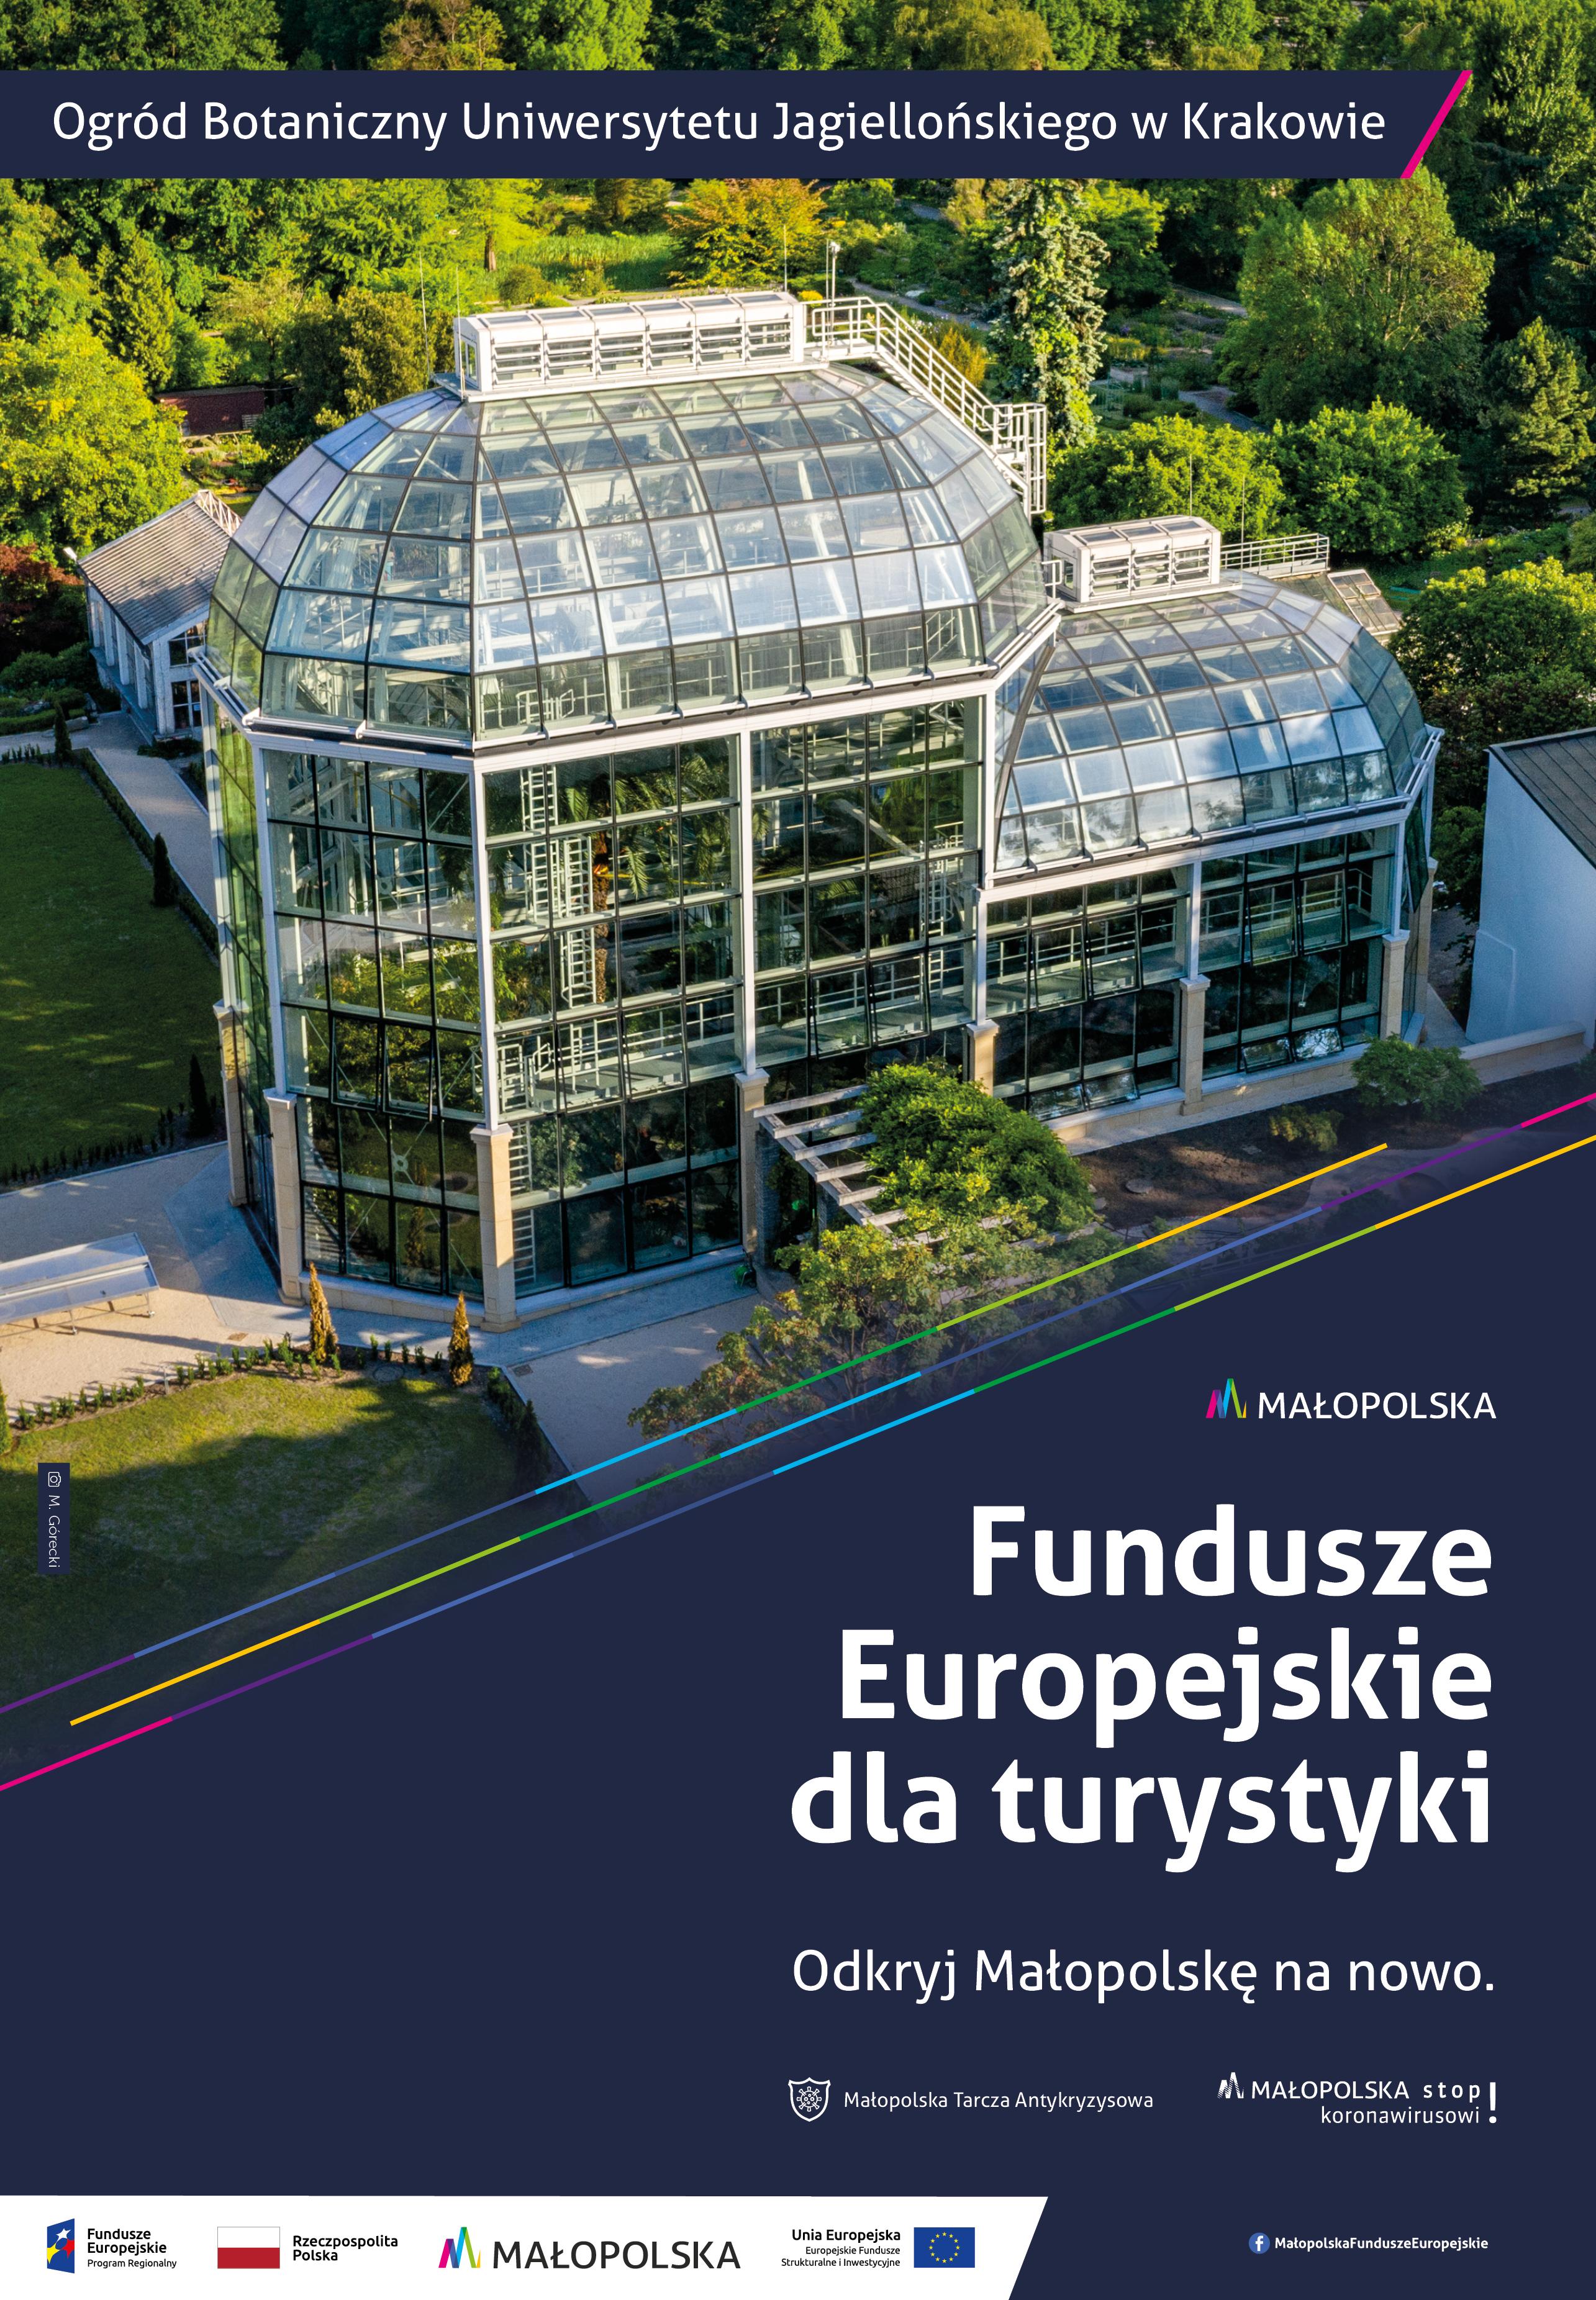 Fundusze europejskie dla turystyki - Ogród botaniczny UJ w Krakowie